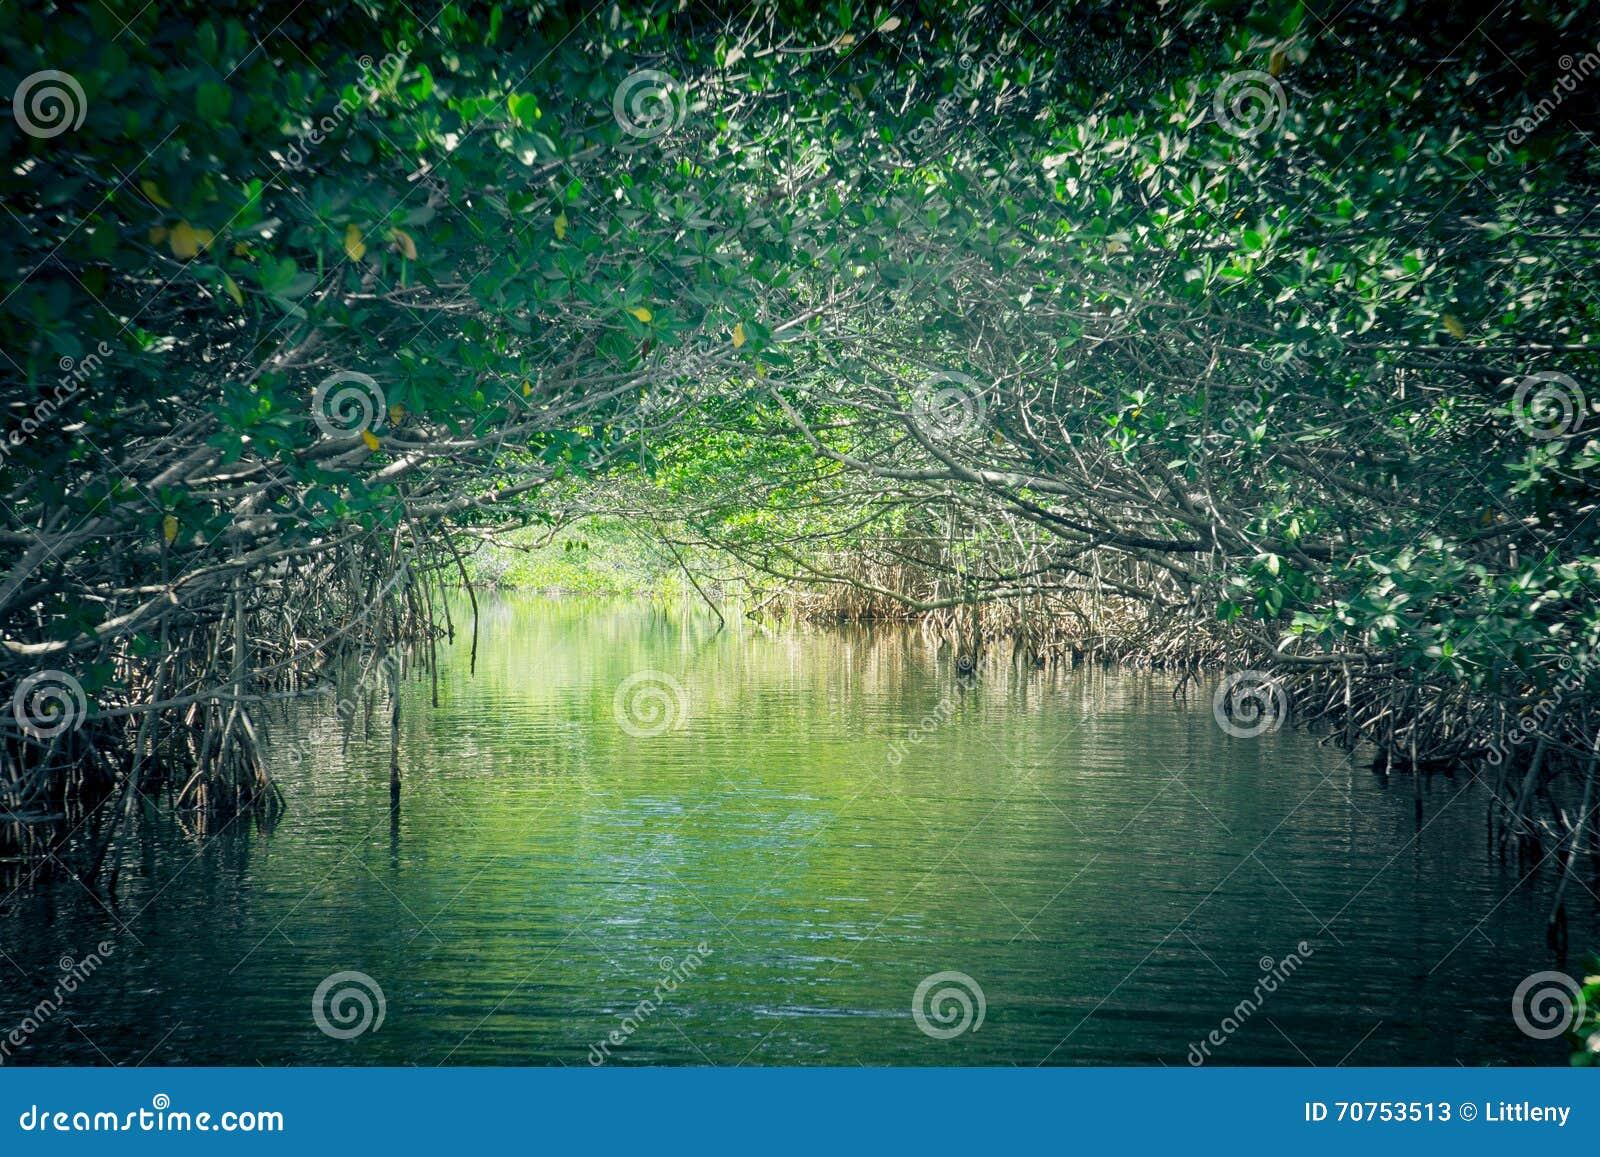 Eco-Tourism mangroves everglades